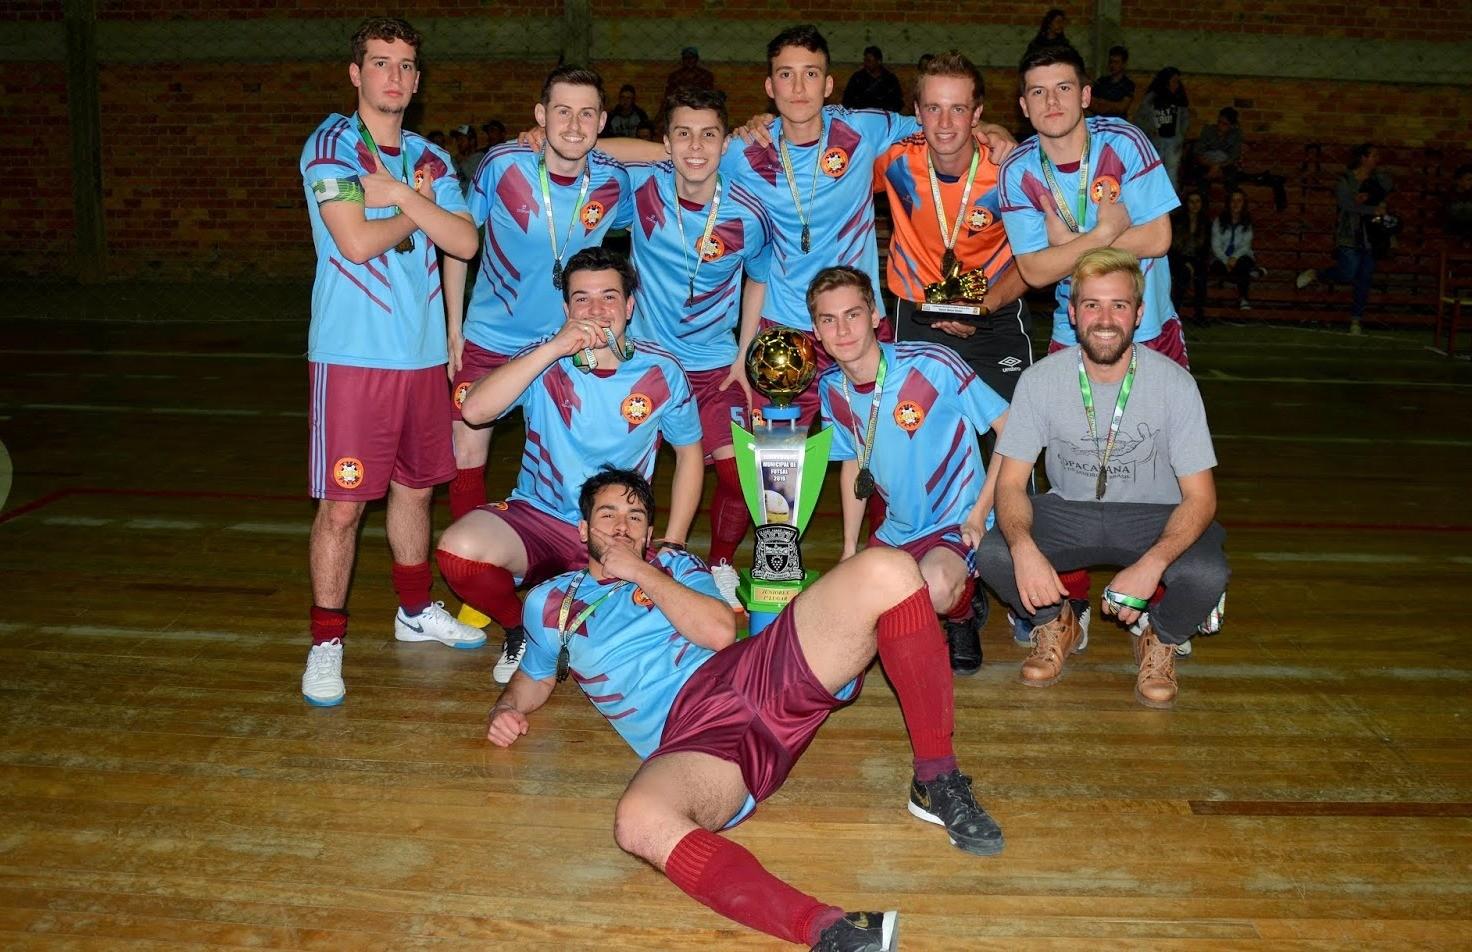 The Coca Fevers conquista o título inédito do futsal juniores de Nova Pádua